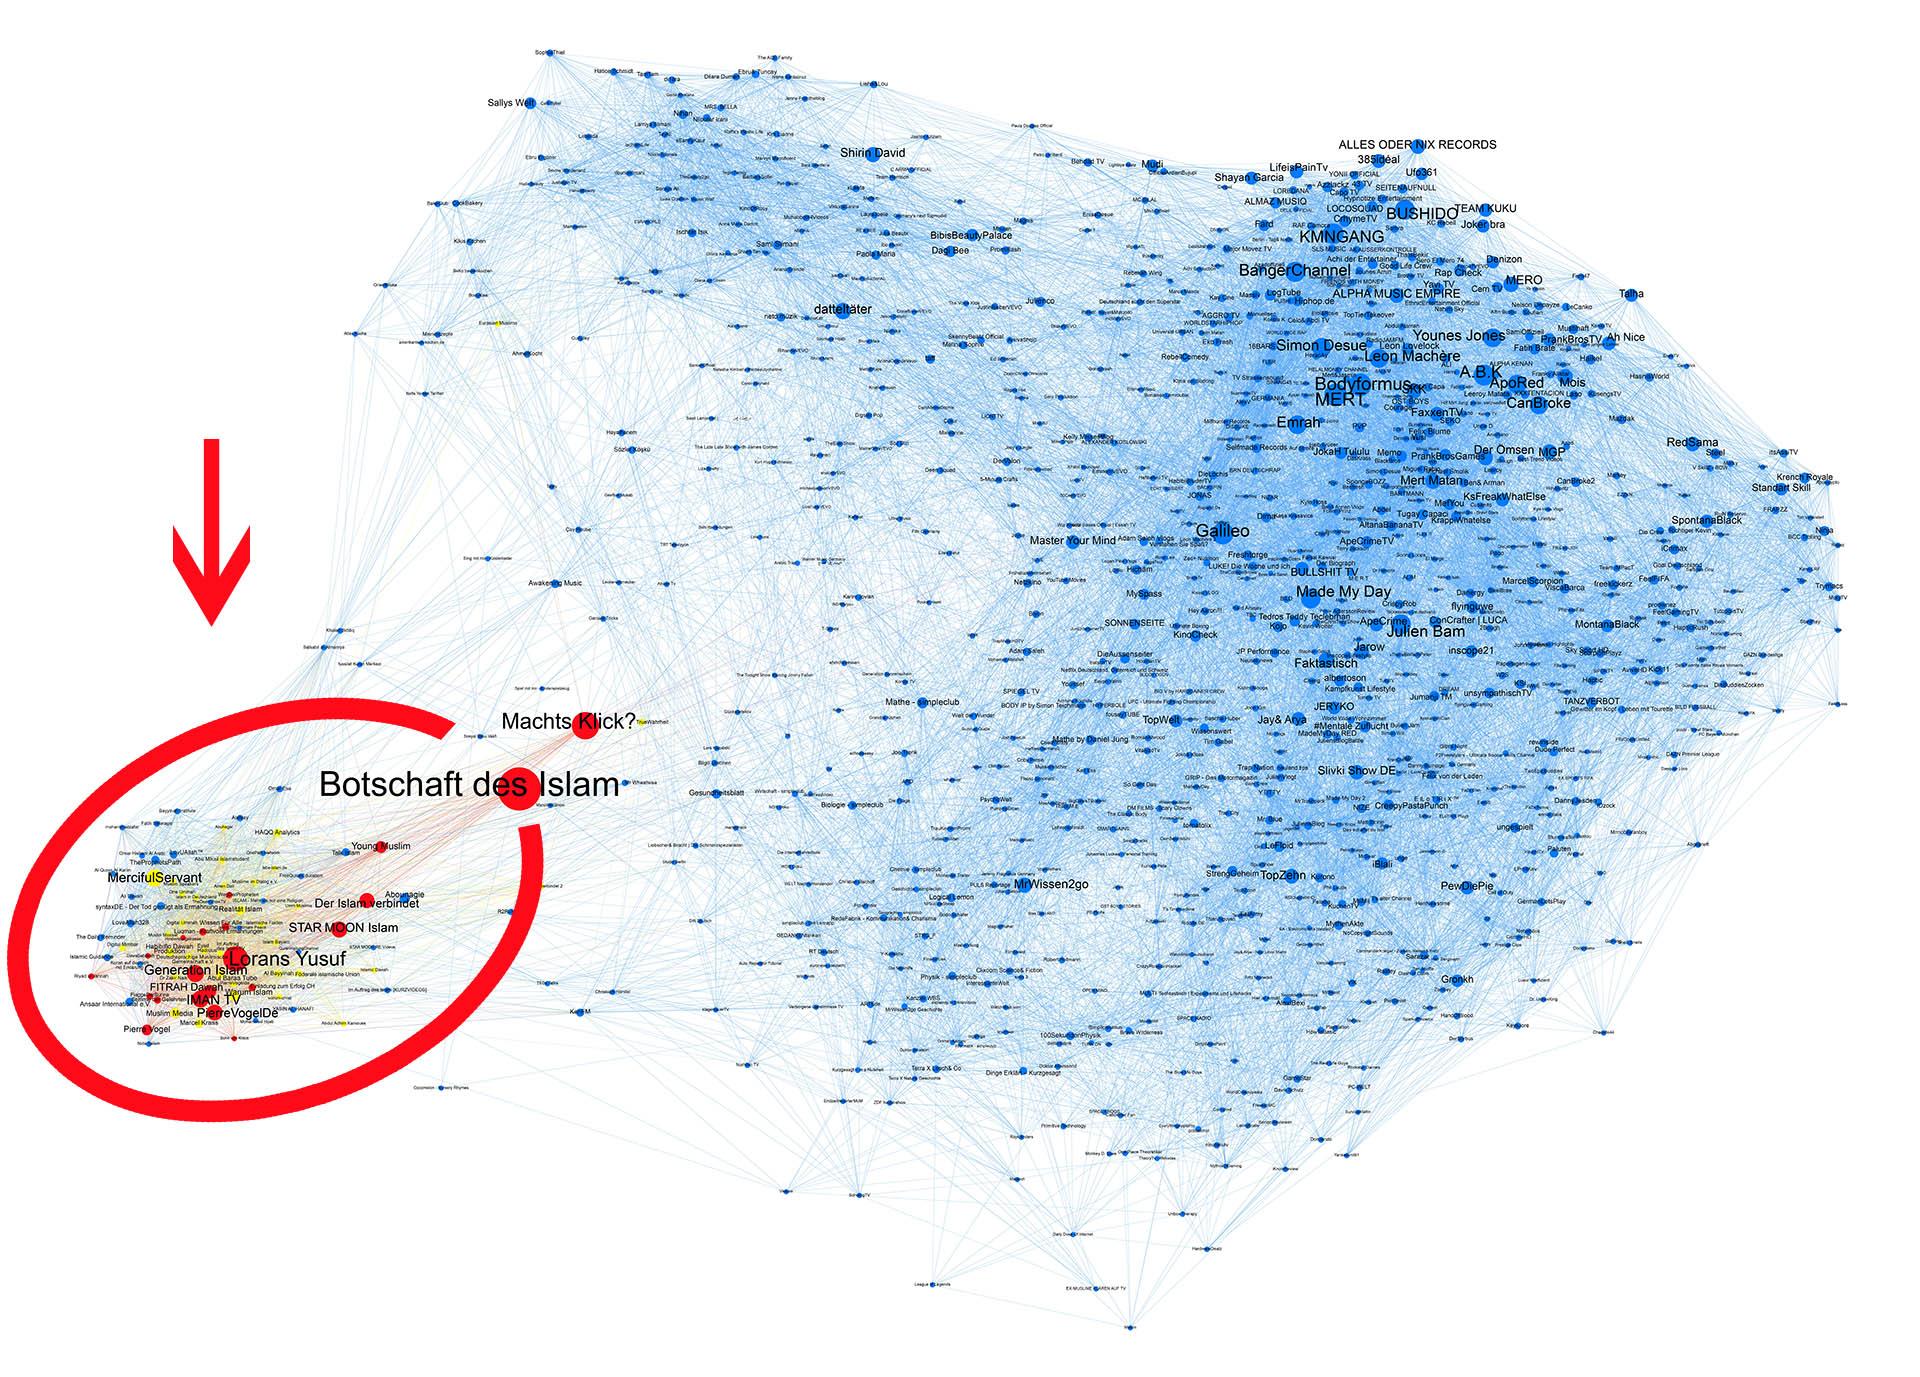 Islamistisches Cluster (mit Pfeil markiert) abgesondert auf der linken Seite des Netzwerkgraphen